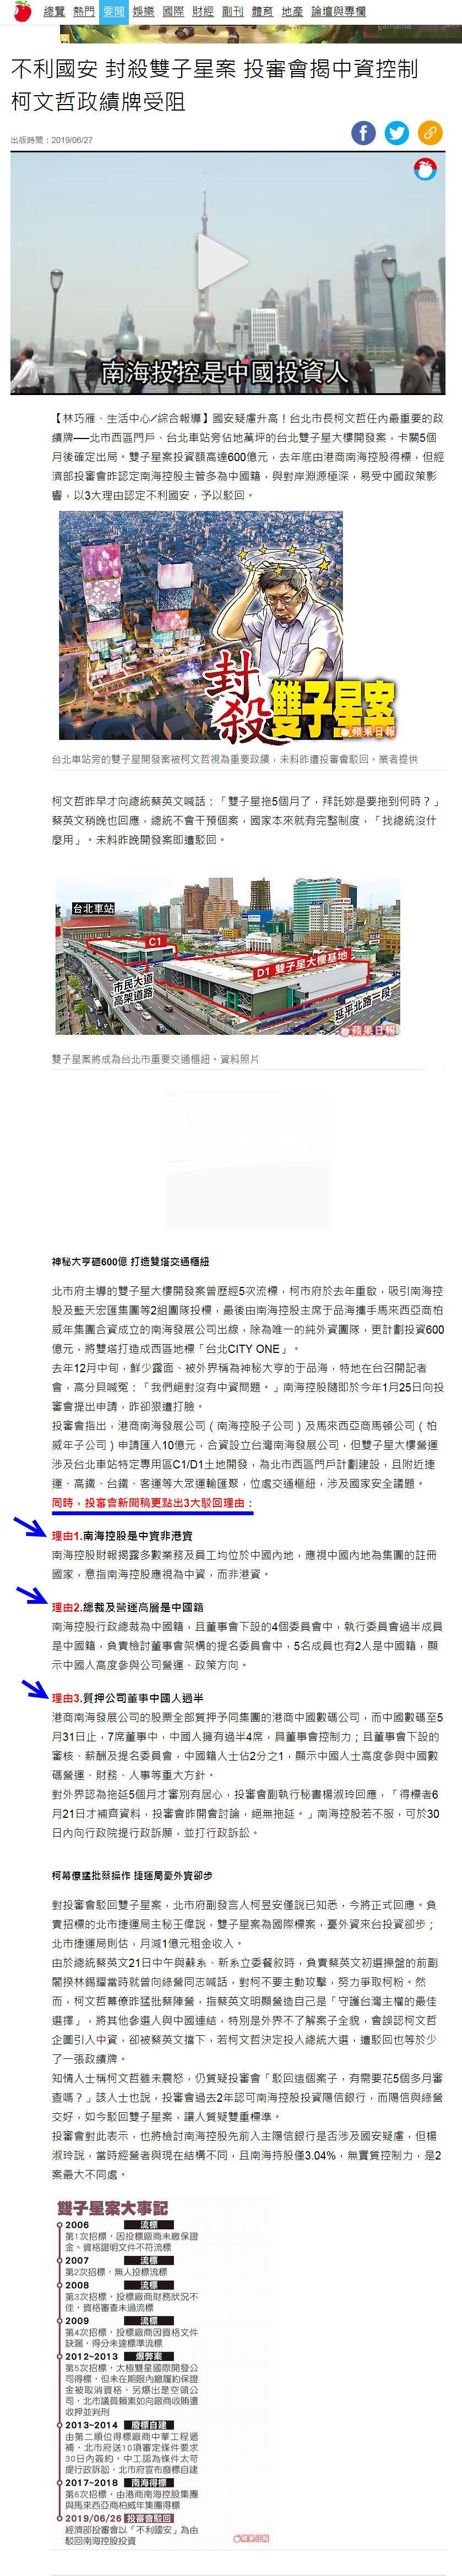 不利國安 封殺雙子星案 投審會揭中資控制 柯文哲政績牌受阻-2019.06.27-1.jpg